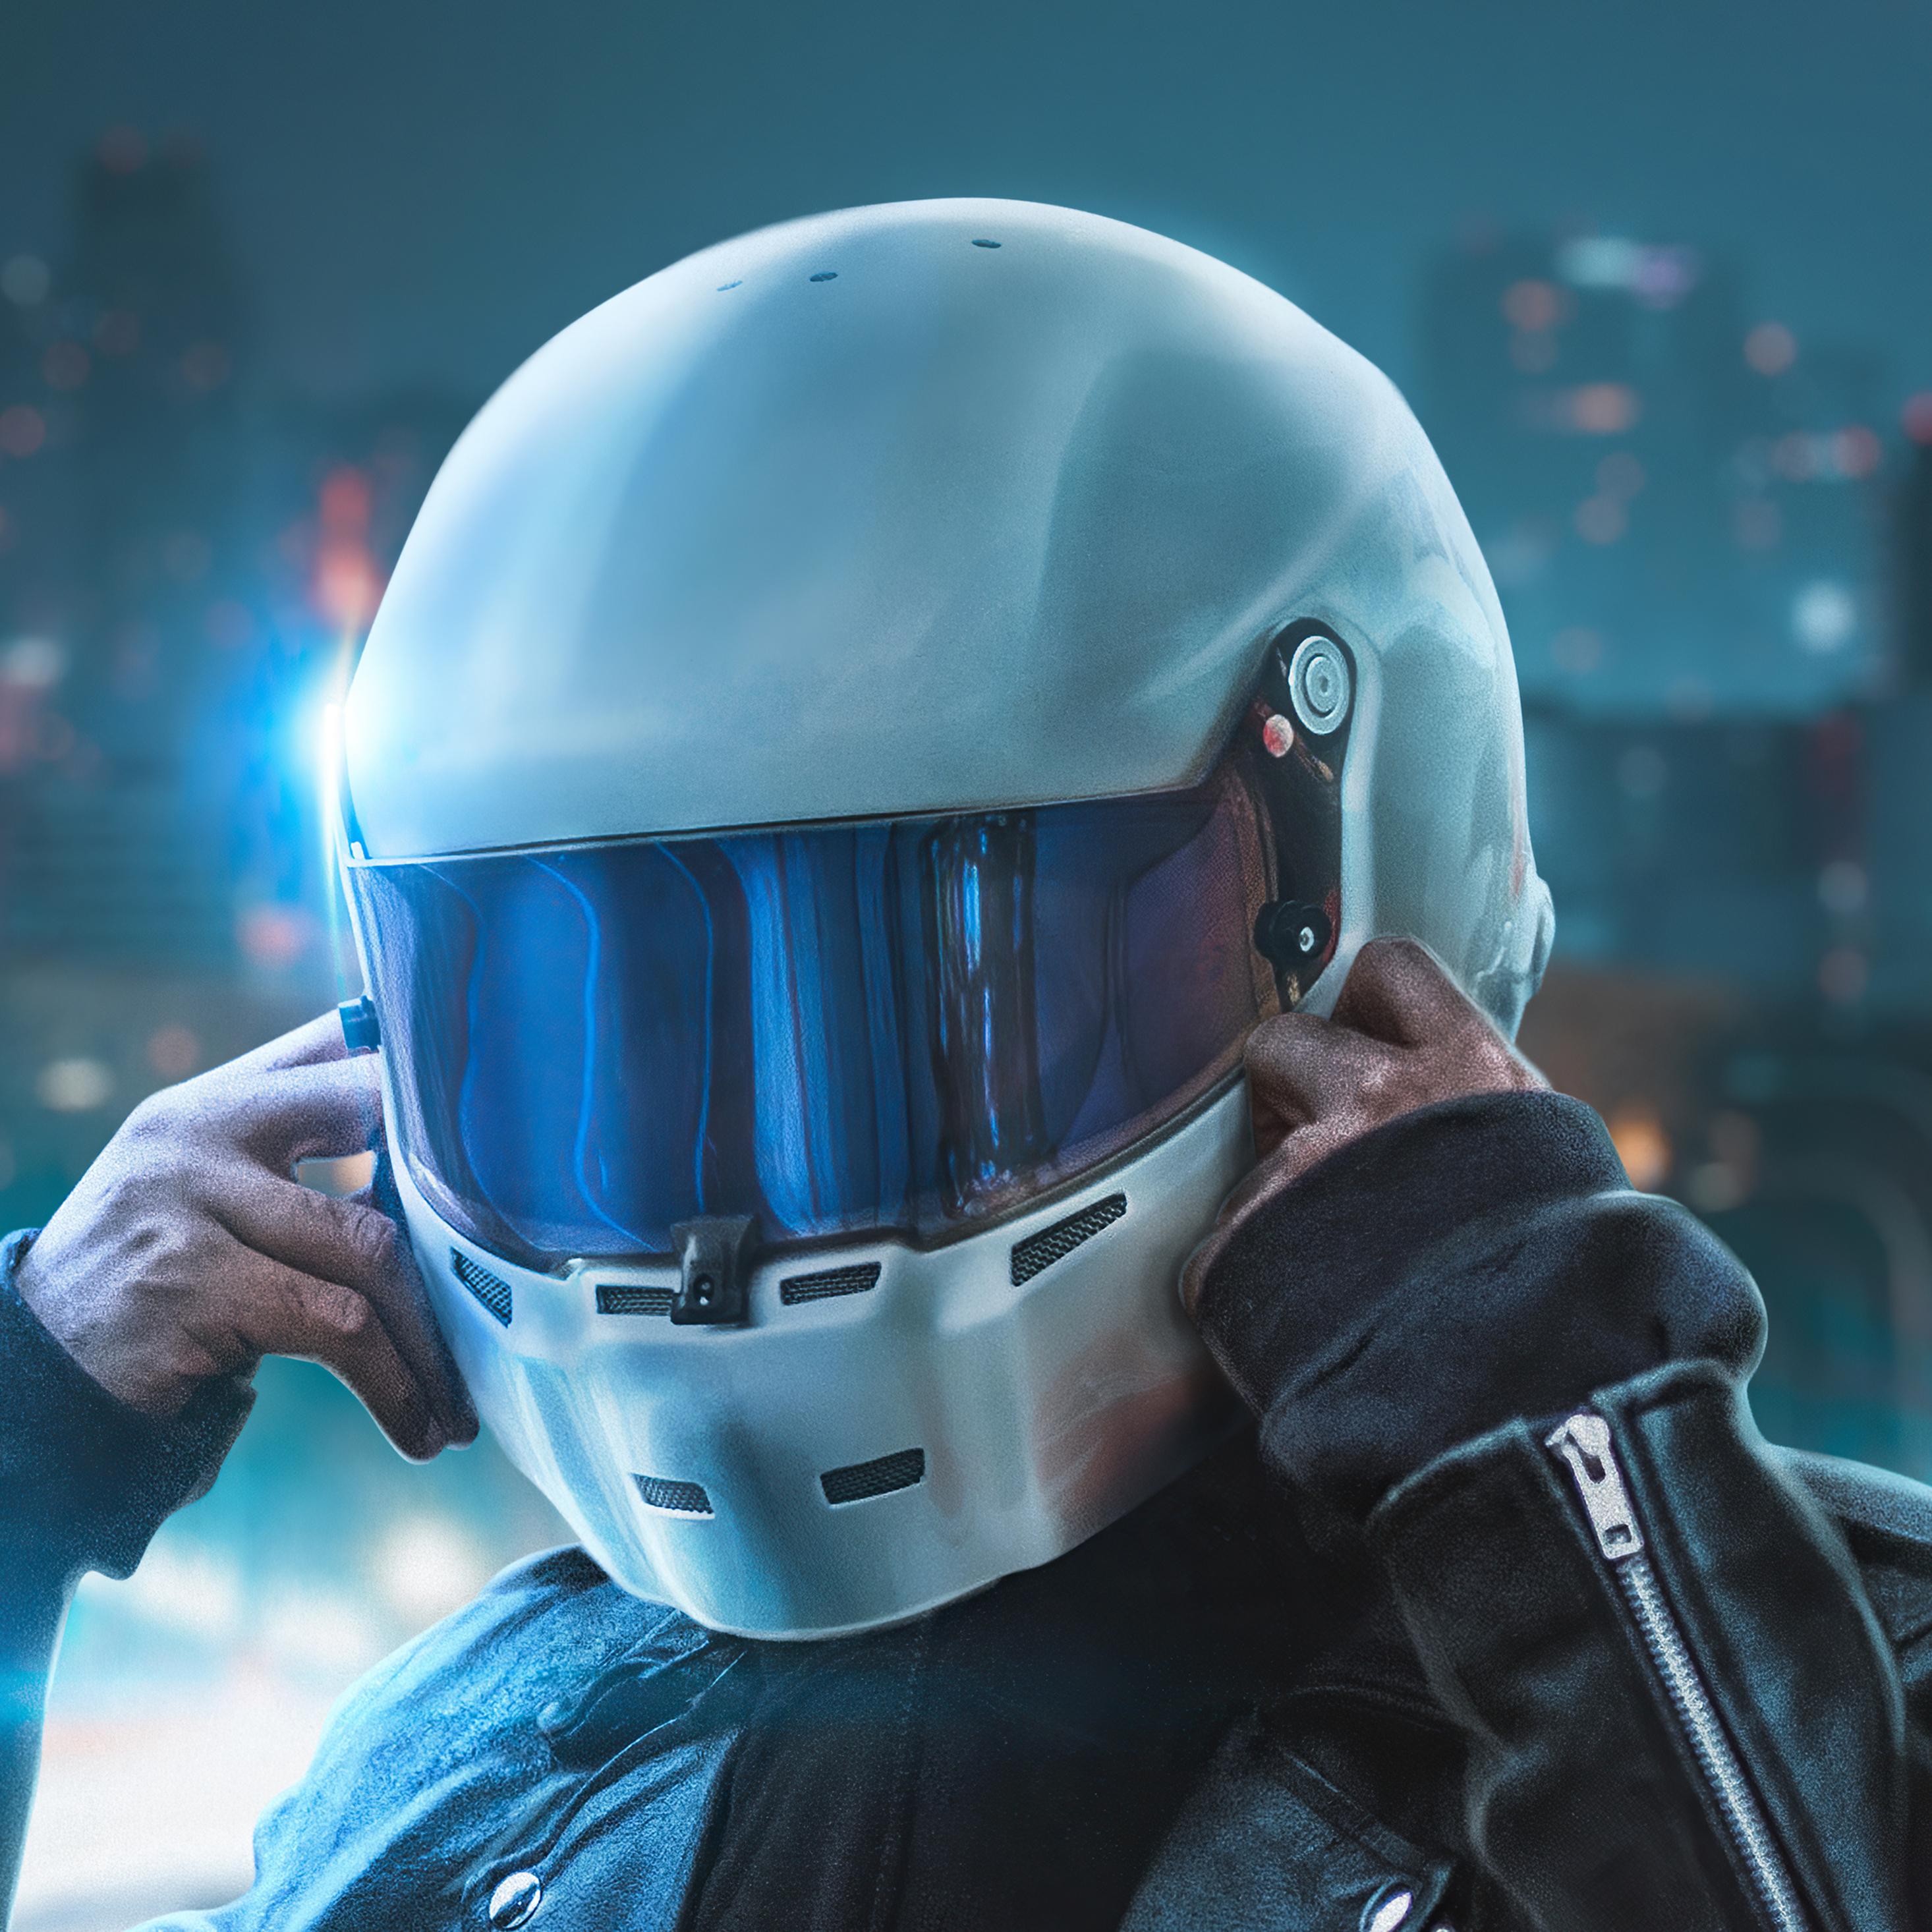 biker-touching-helmet-4k-ki.jpg